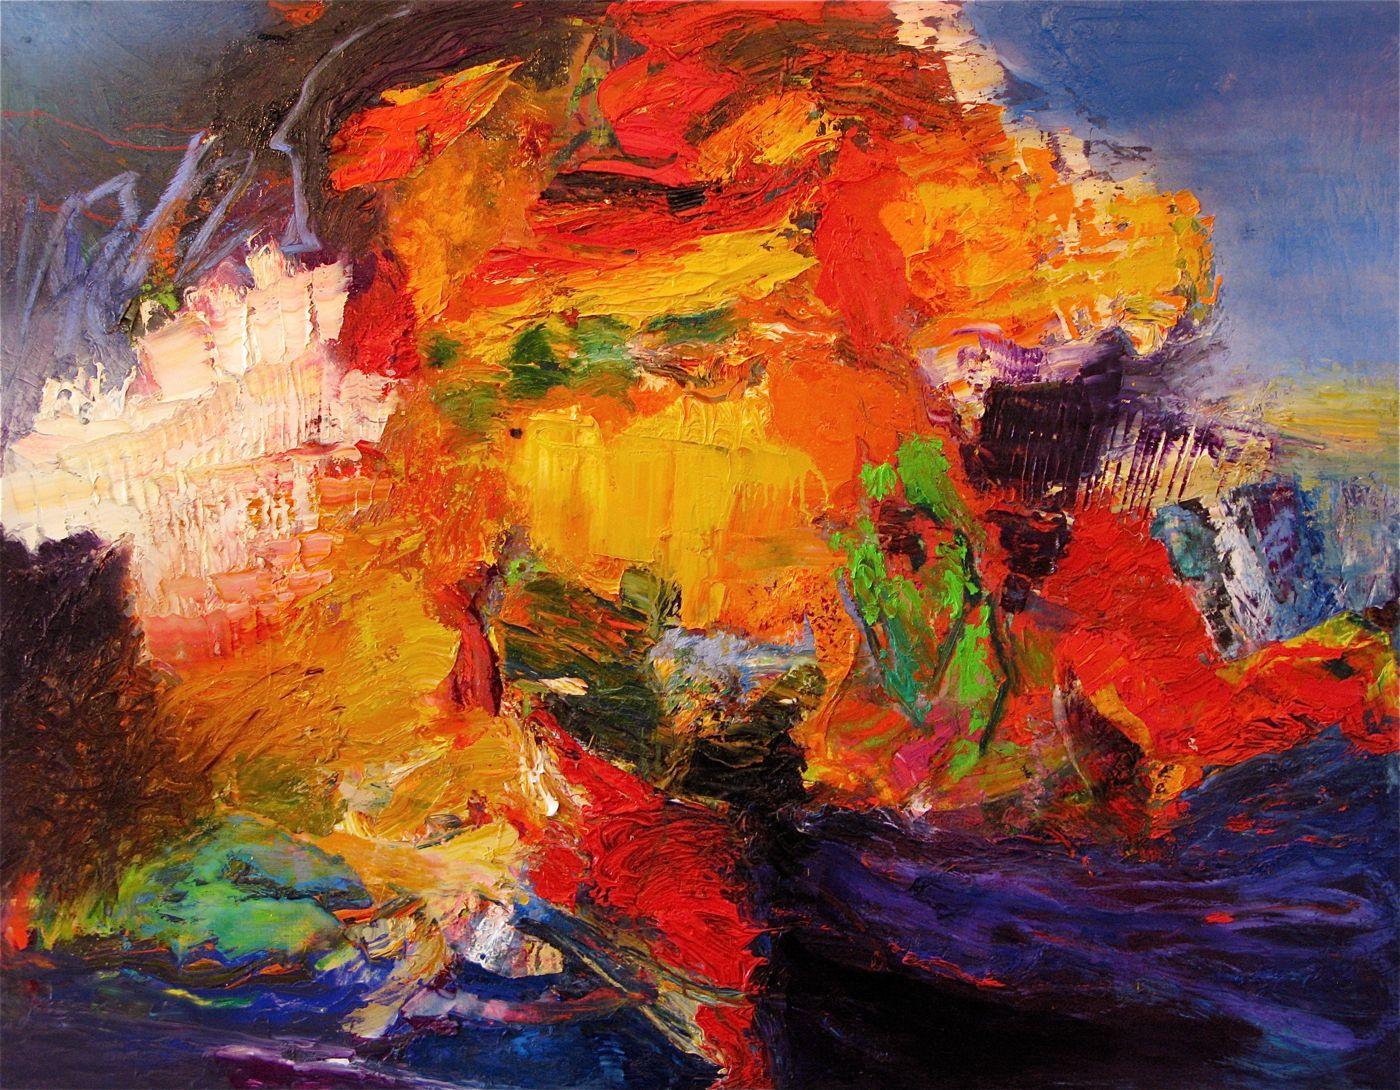 Abstract-Art-Gerard-Stricher-4